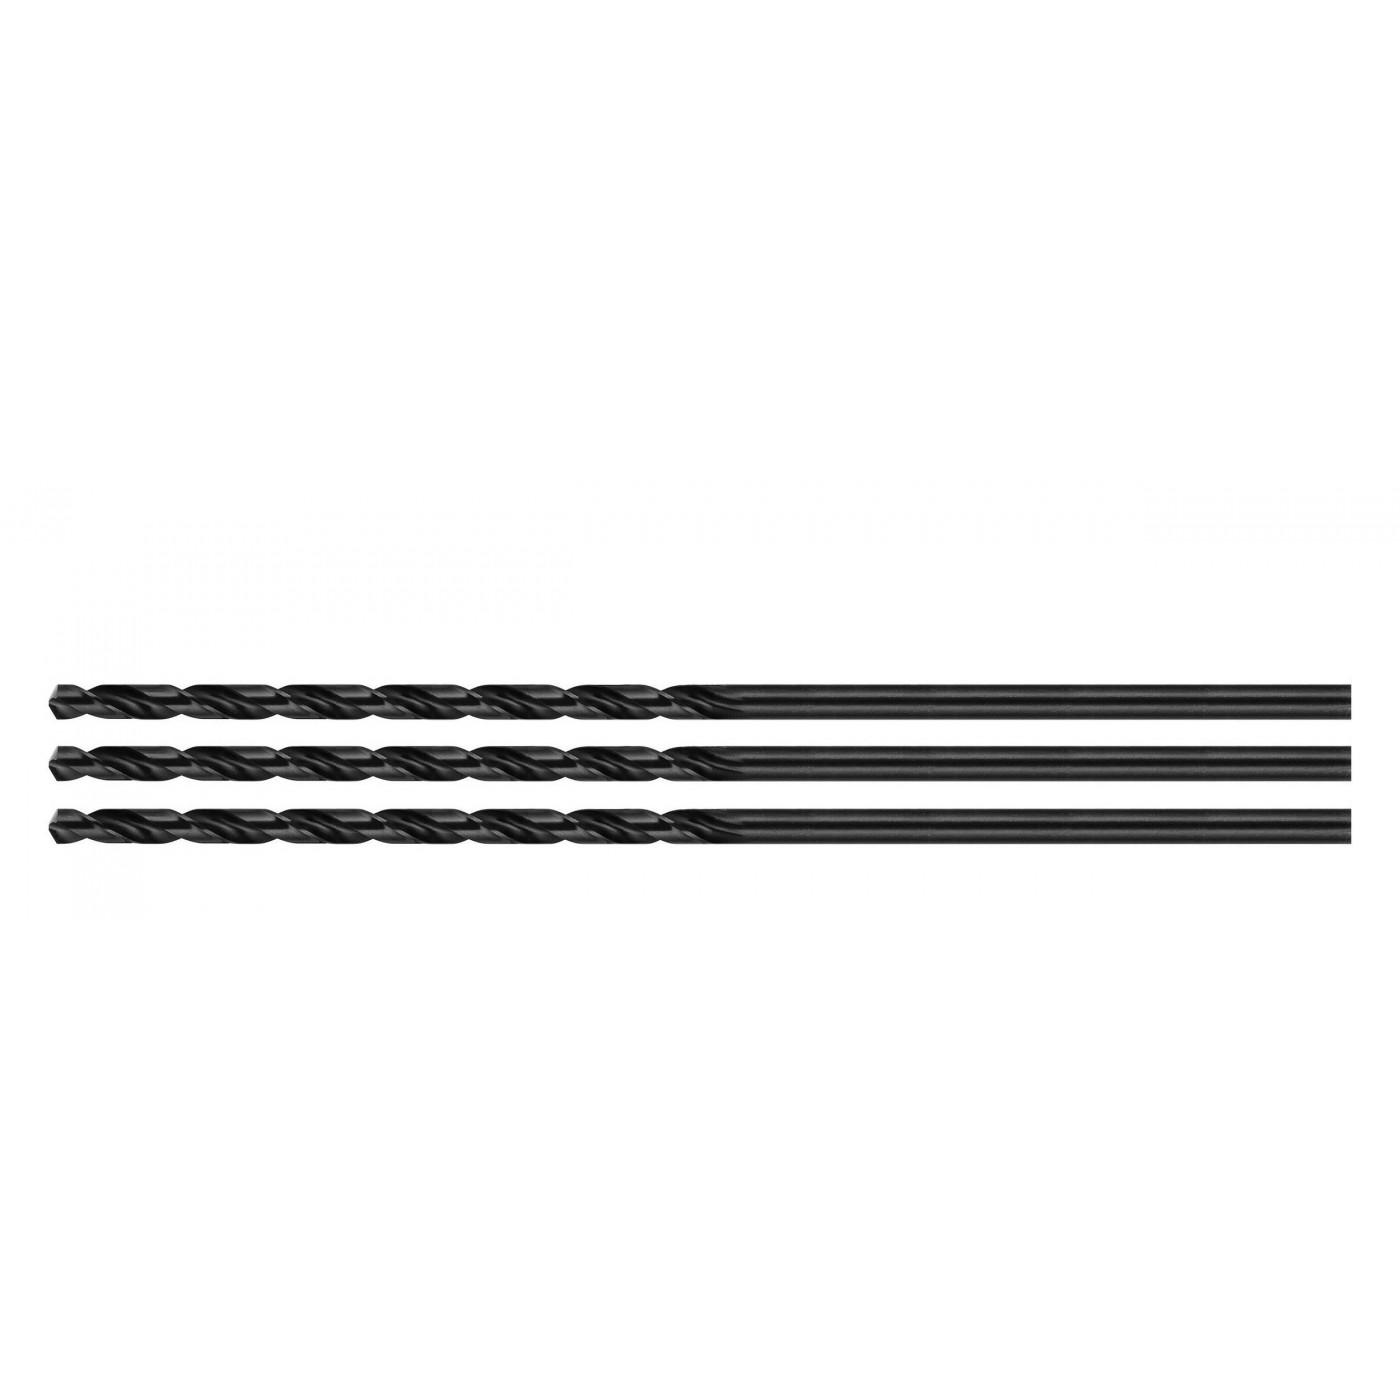 Set of 3 metal drill bits (5.5x250 mm)